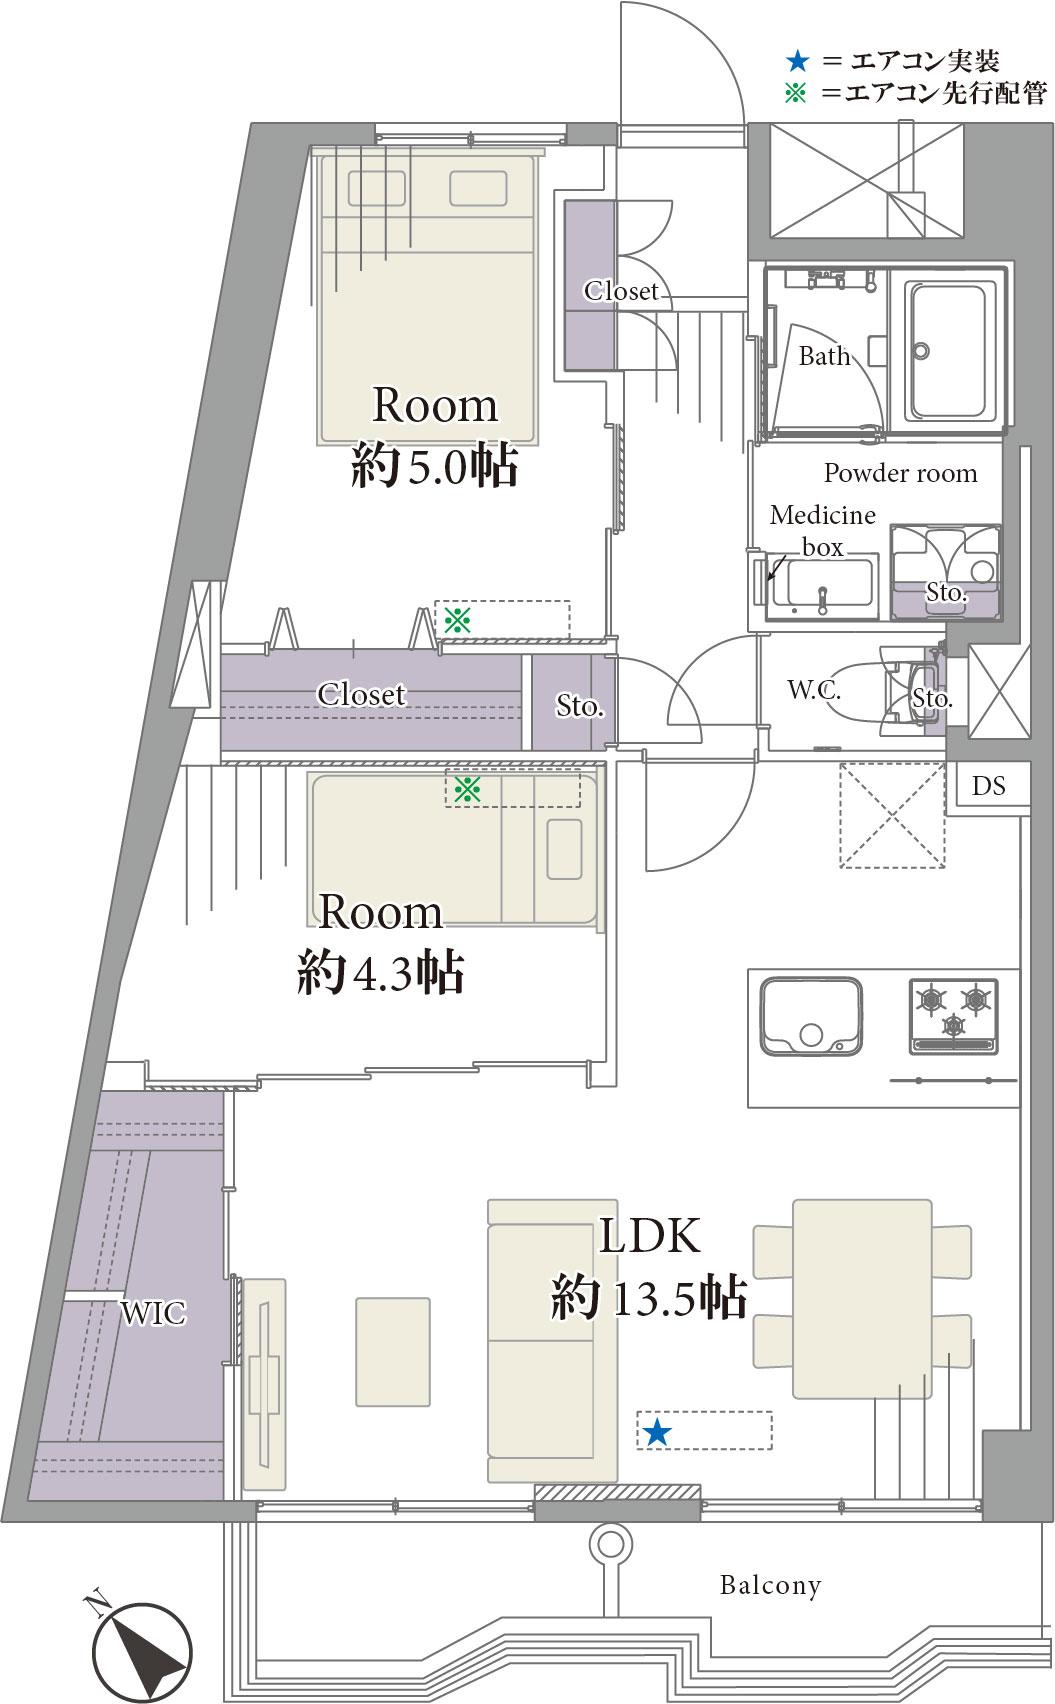 築地 隅田川テラス至近のリバーサイドマンション 間取り図